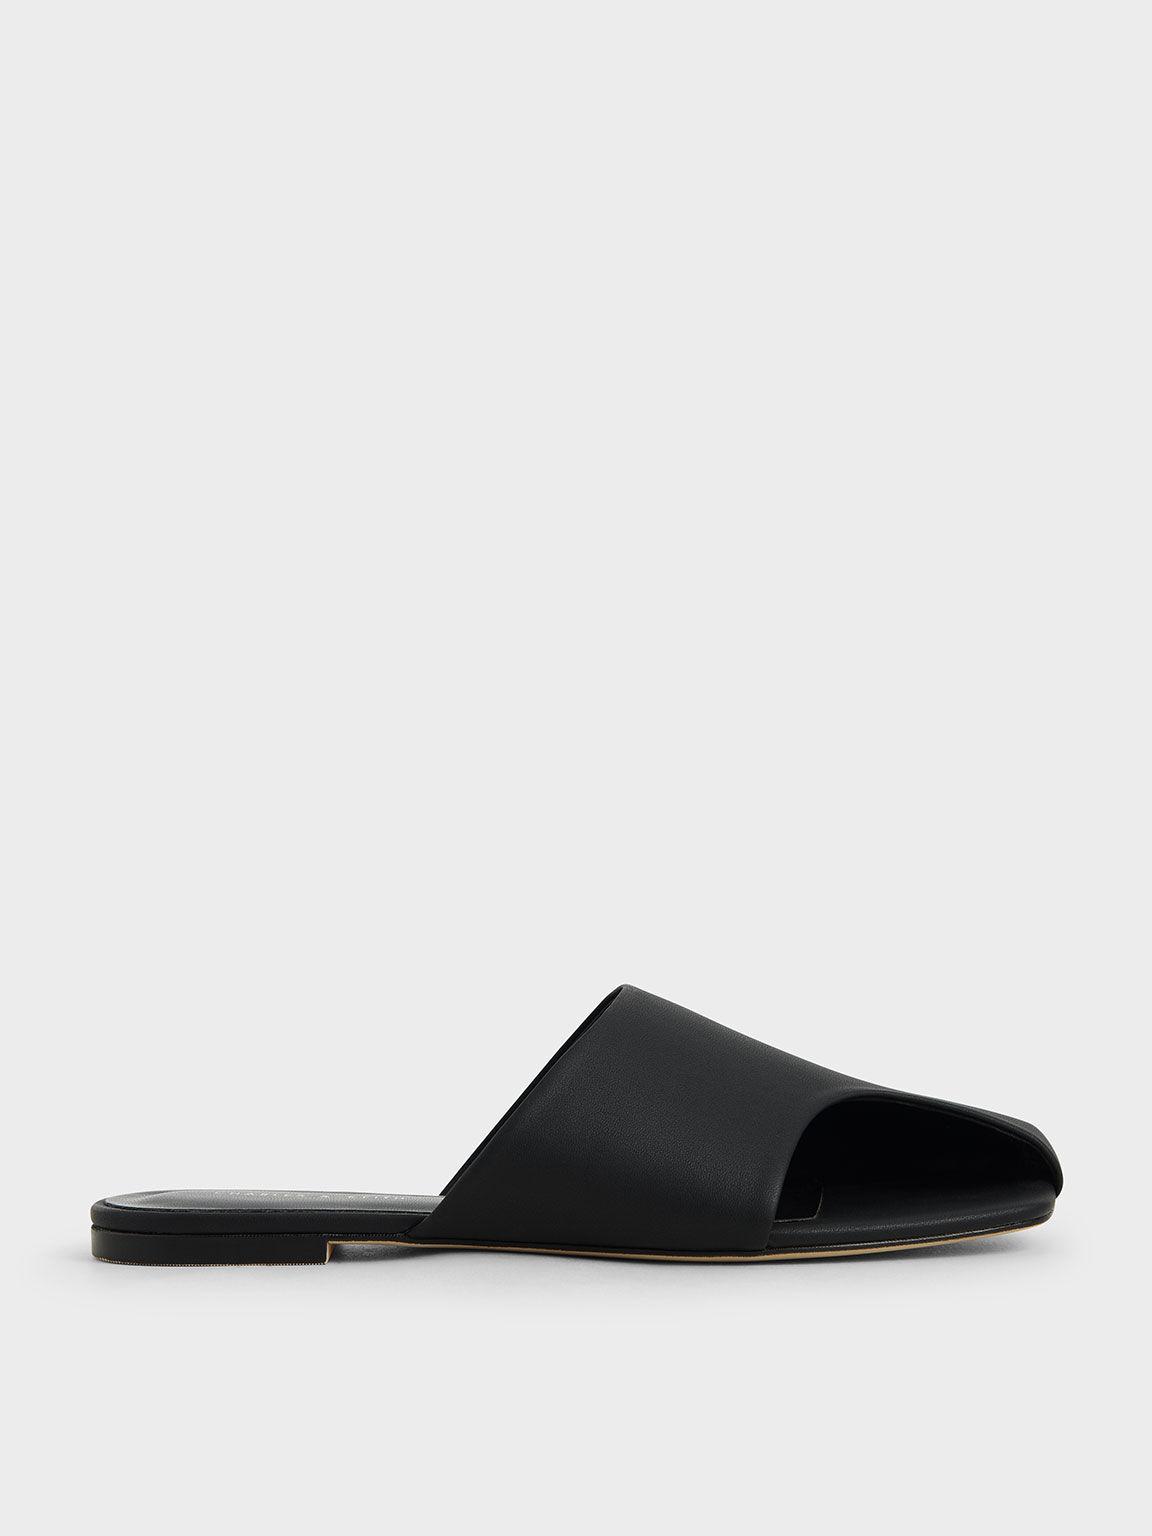 Cut-Out Slide Sandals, Black, hi-res